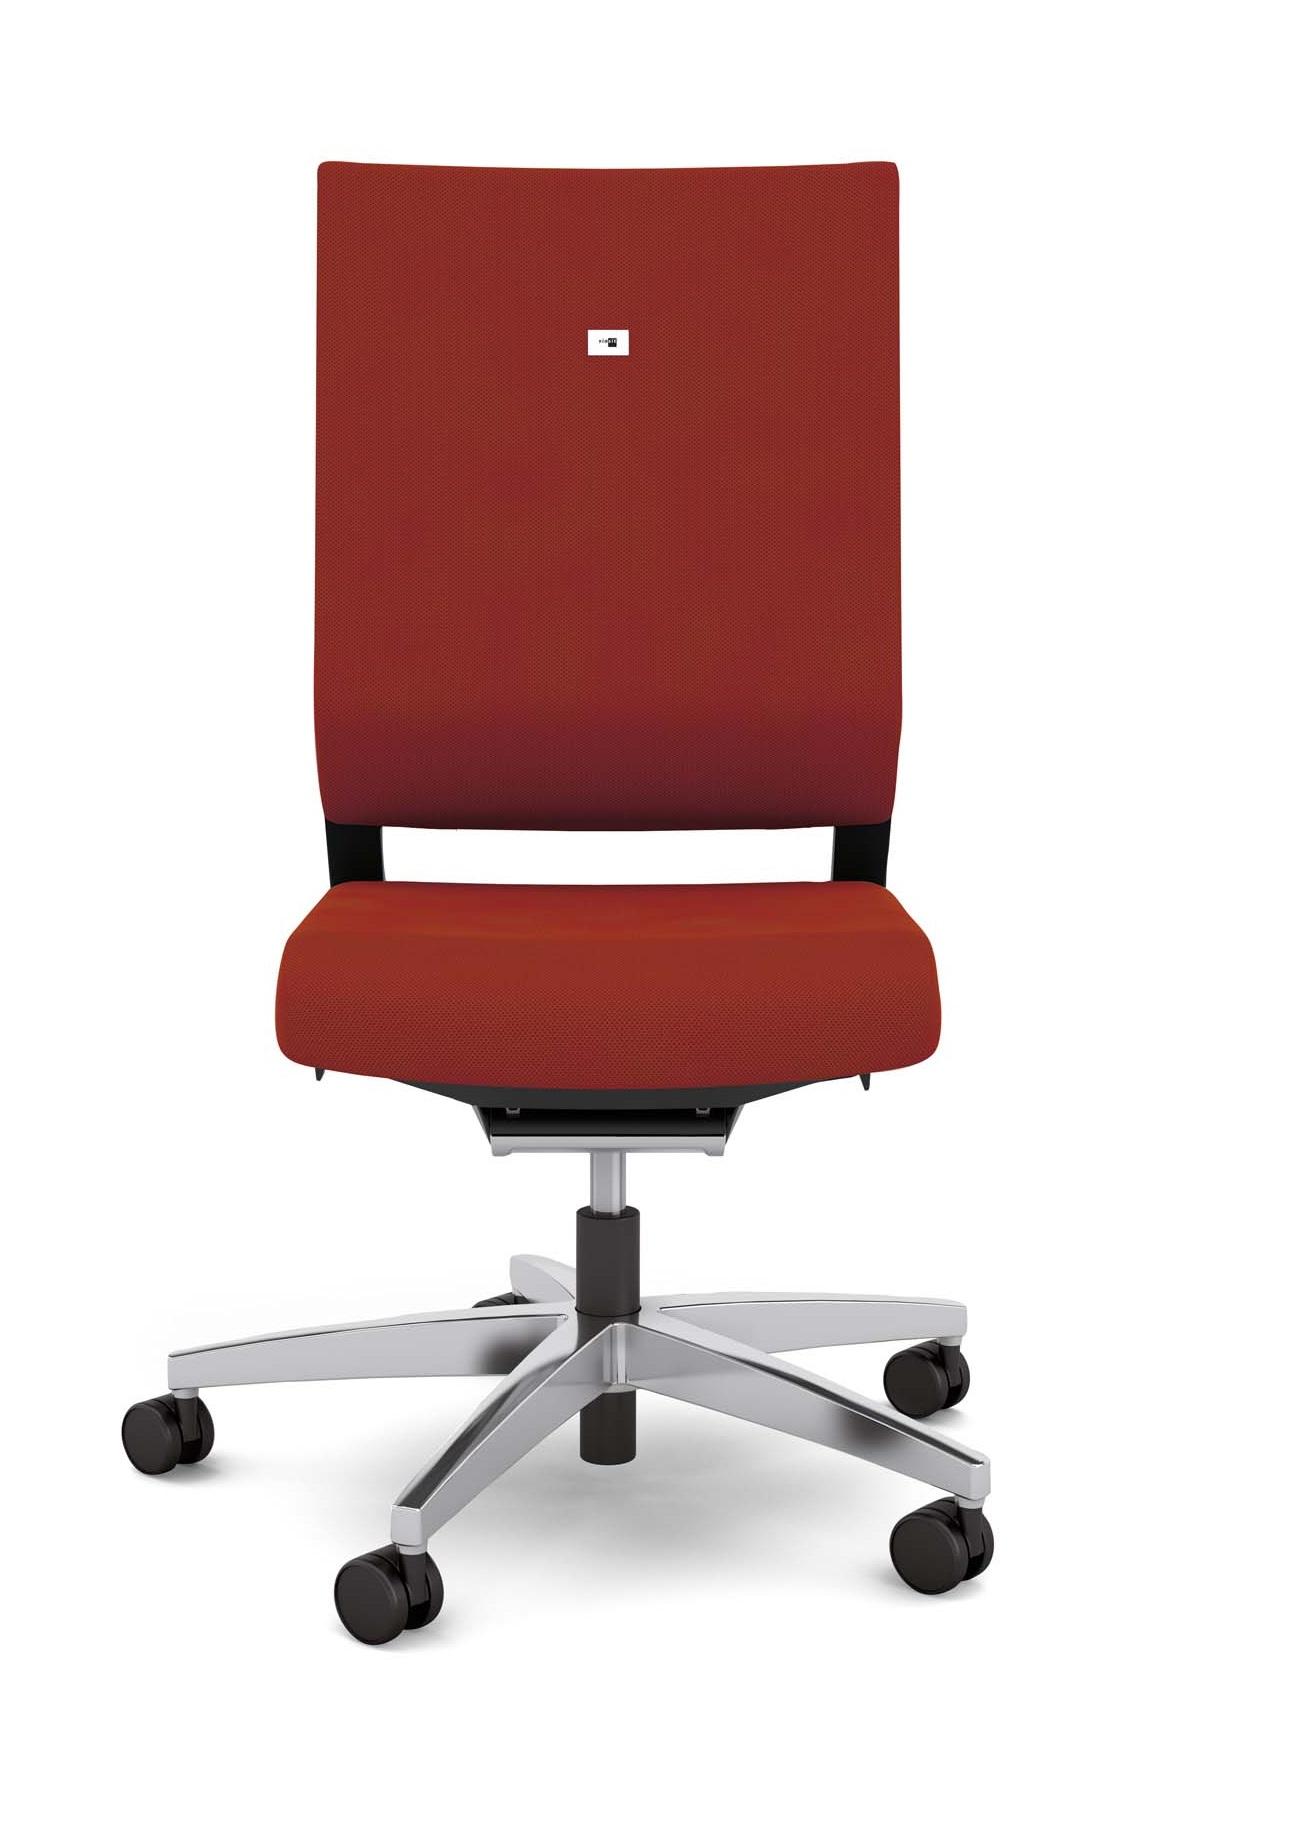 Siege de bureau ergonomique chaise de bureau chaise ergonomique siege ergonomique fauteuil - Chaise suedoise ergonomique ...